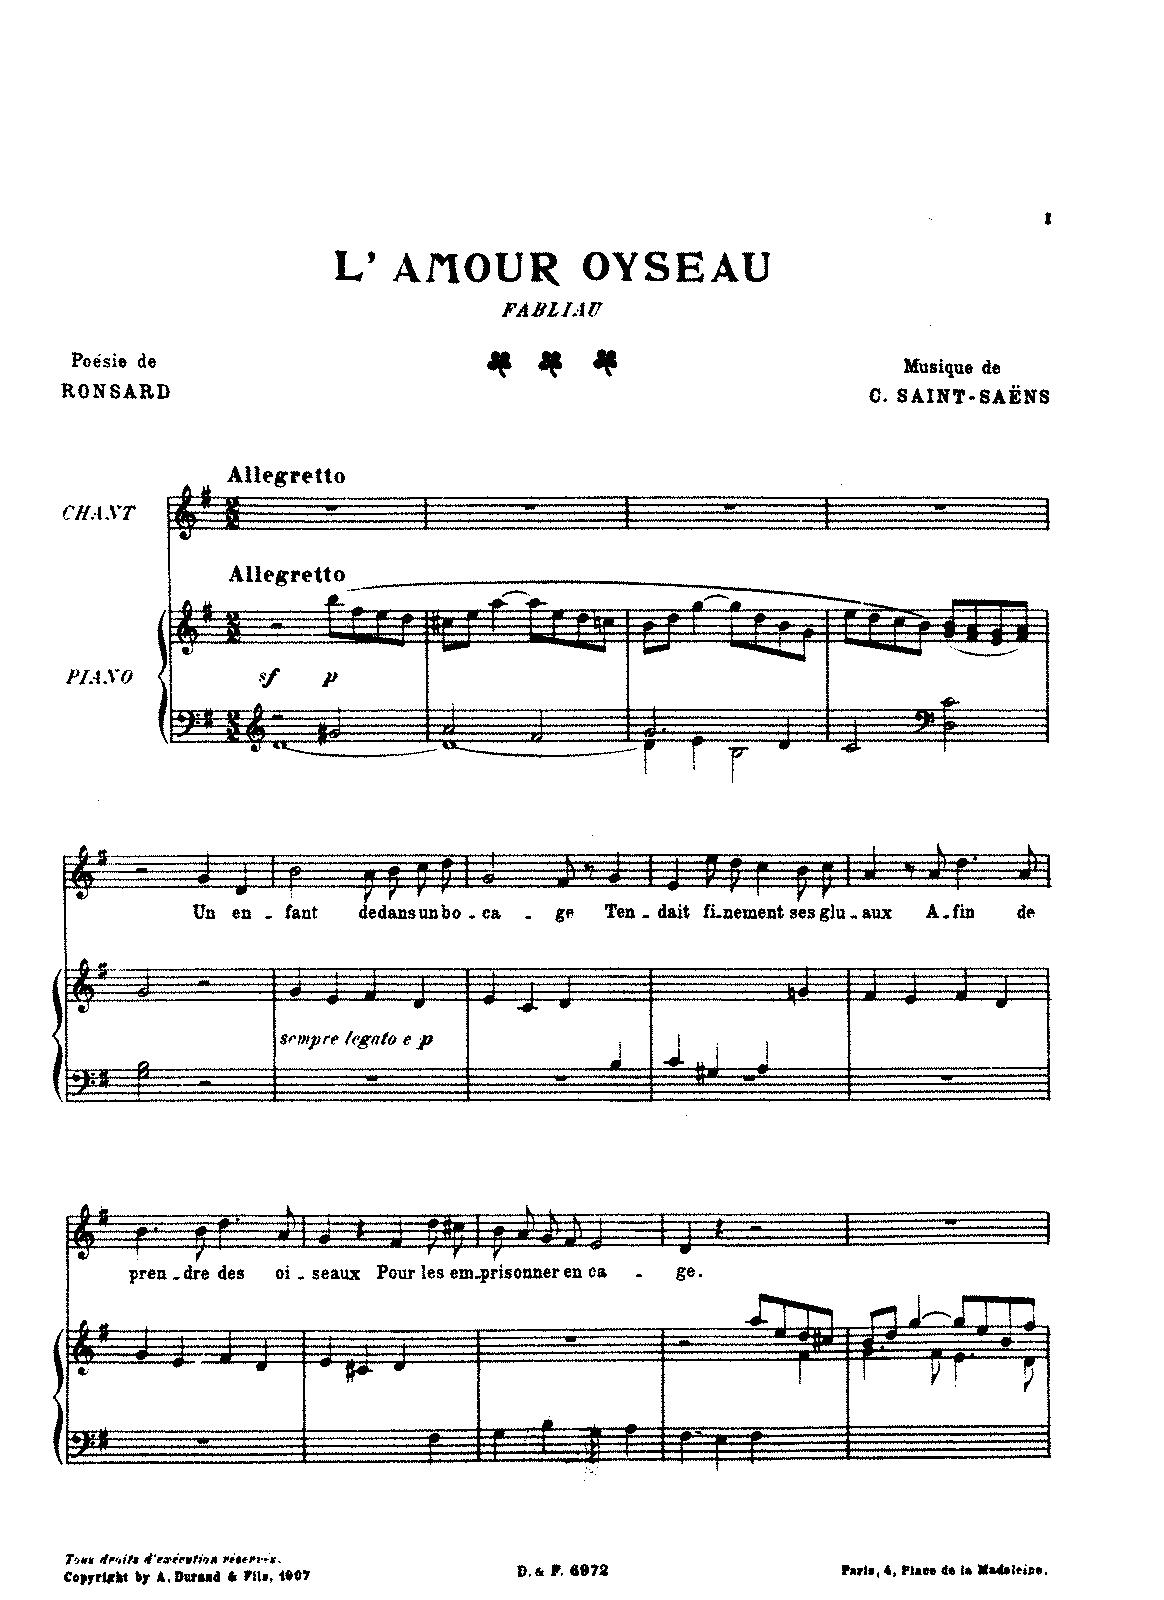 5 poèmes de Ronsard (Saint-Saëns, Camille) - IMSLP/Petrucci